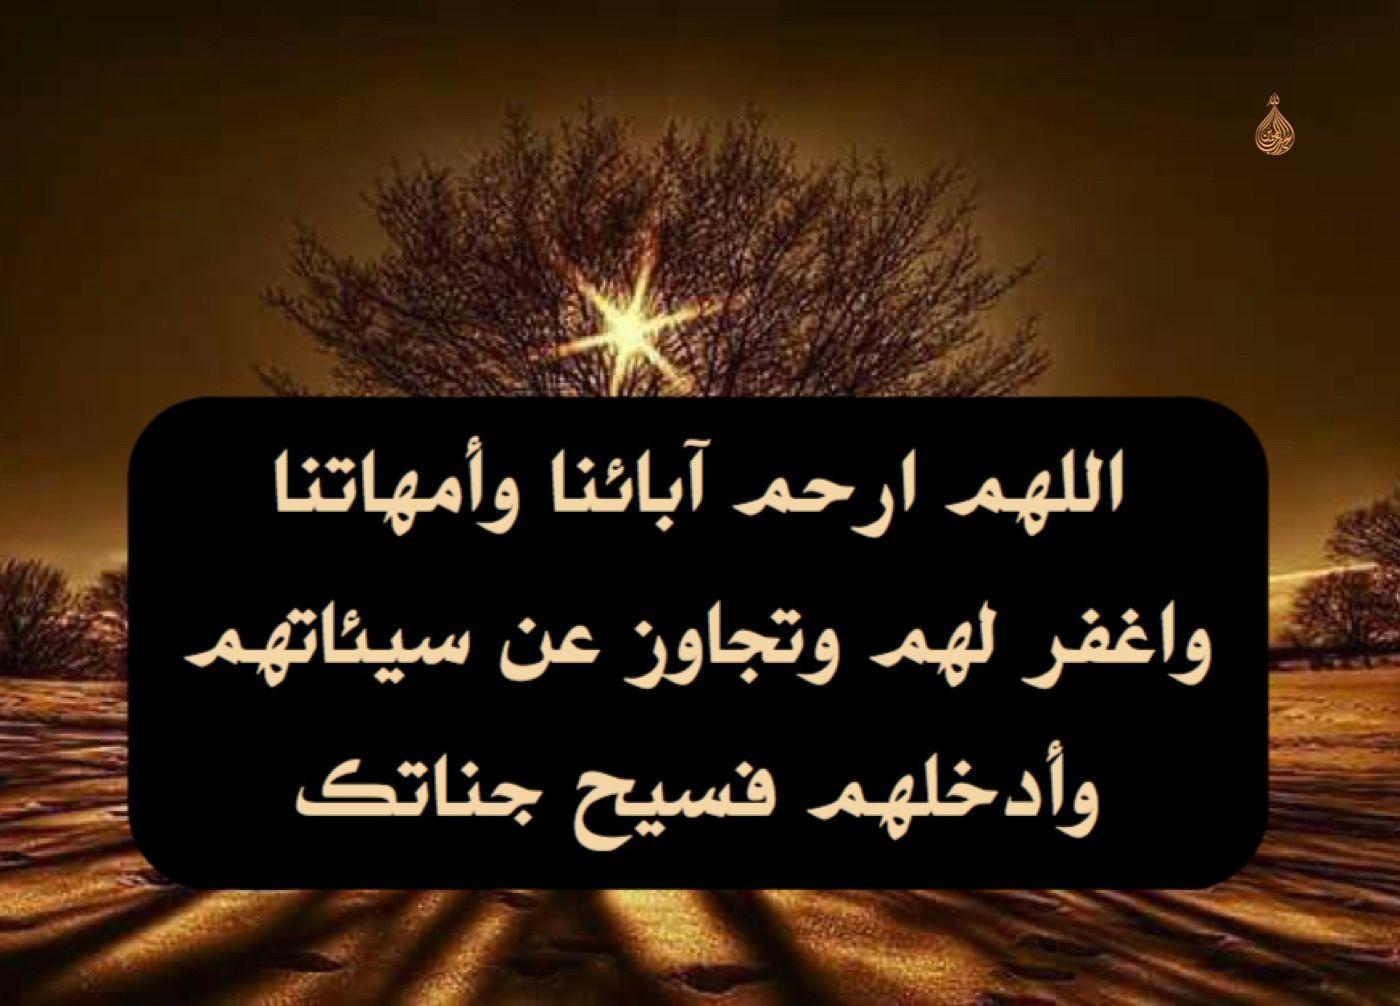 بالصور صور عن الدين , الدين واجمل صور له 4653 21